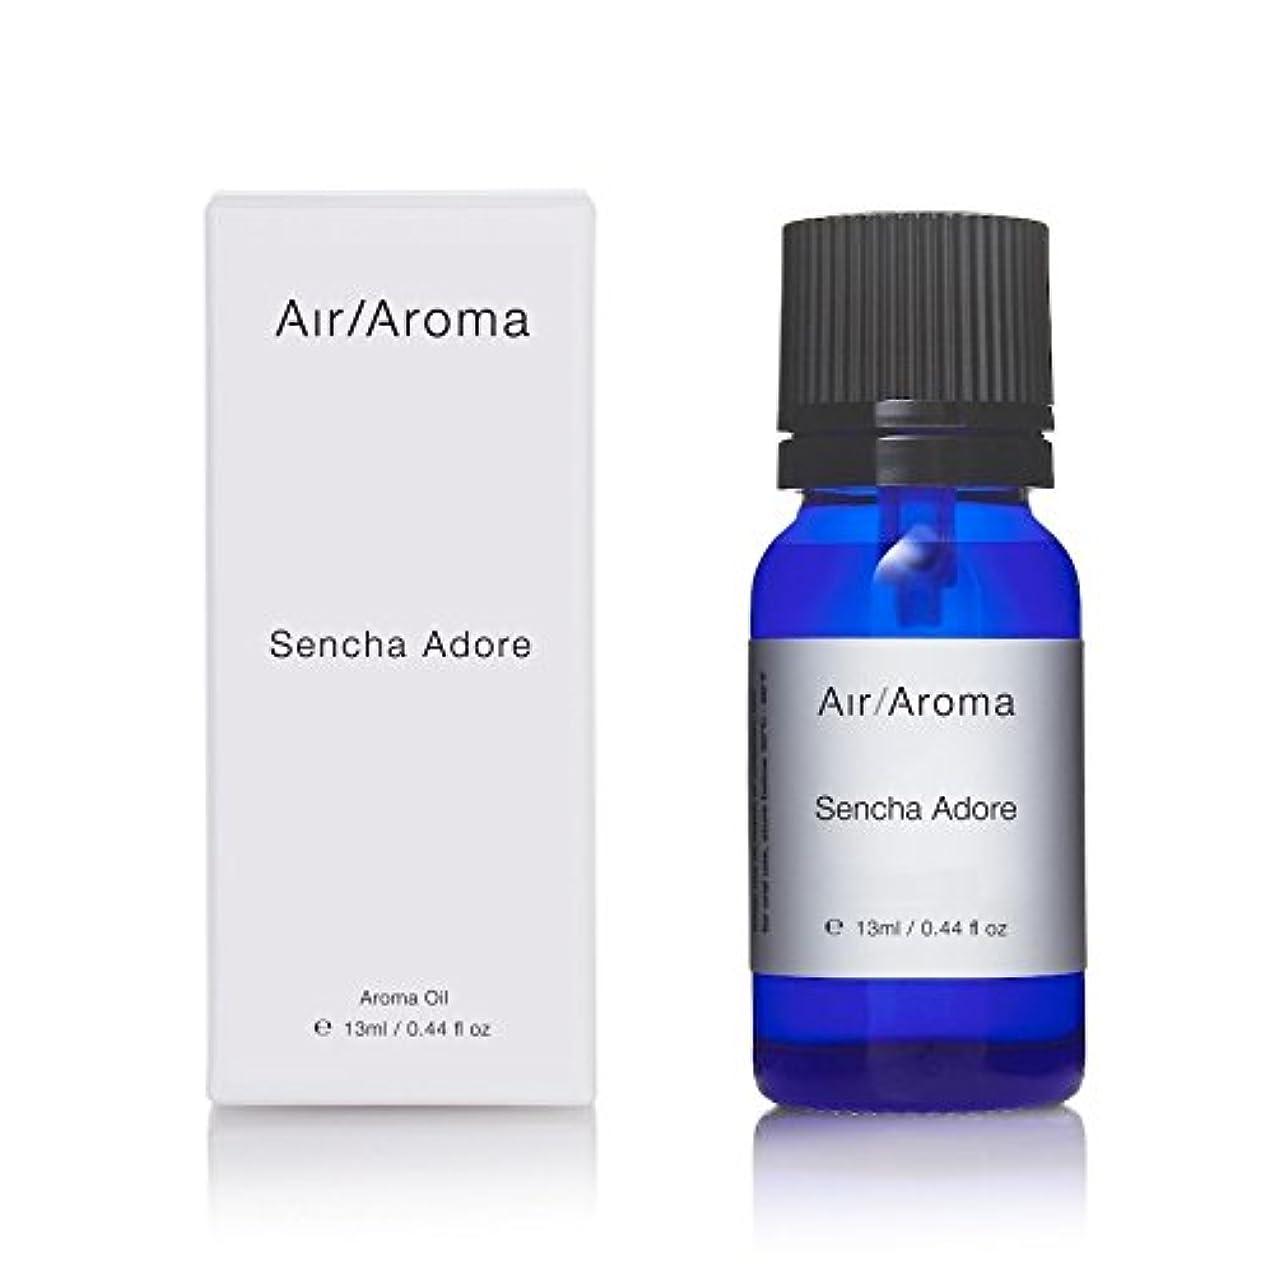 例示する数値アンビエントエアアロマ sencha adore(センチャ?アドア)13ml